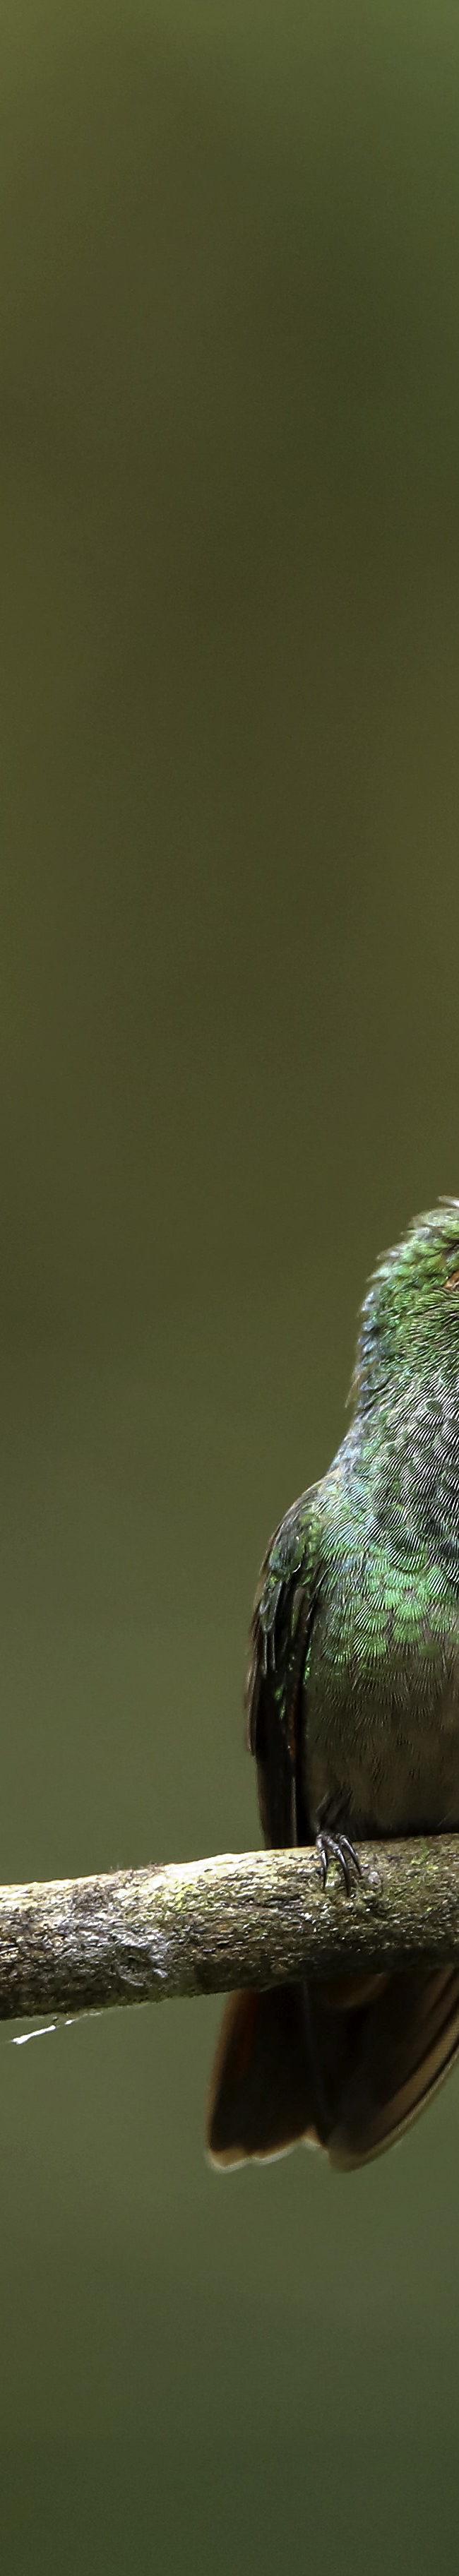 Roodstaartamazilia / Rufous-tailed hummingbird (Amazilia tzacatl)